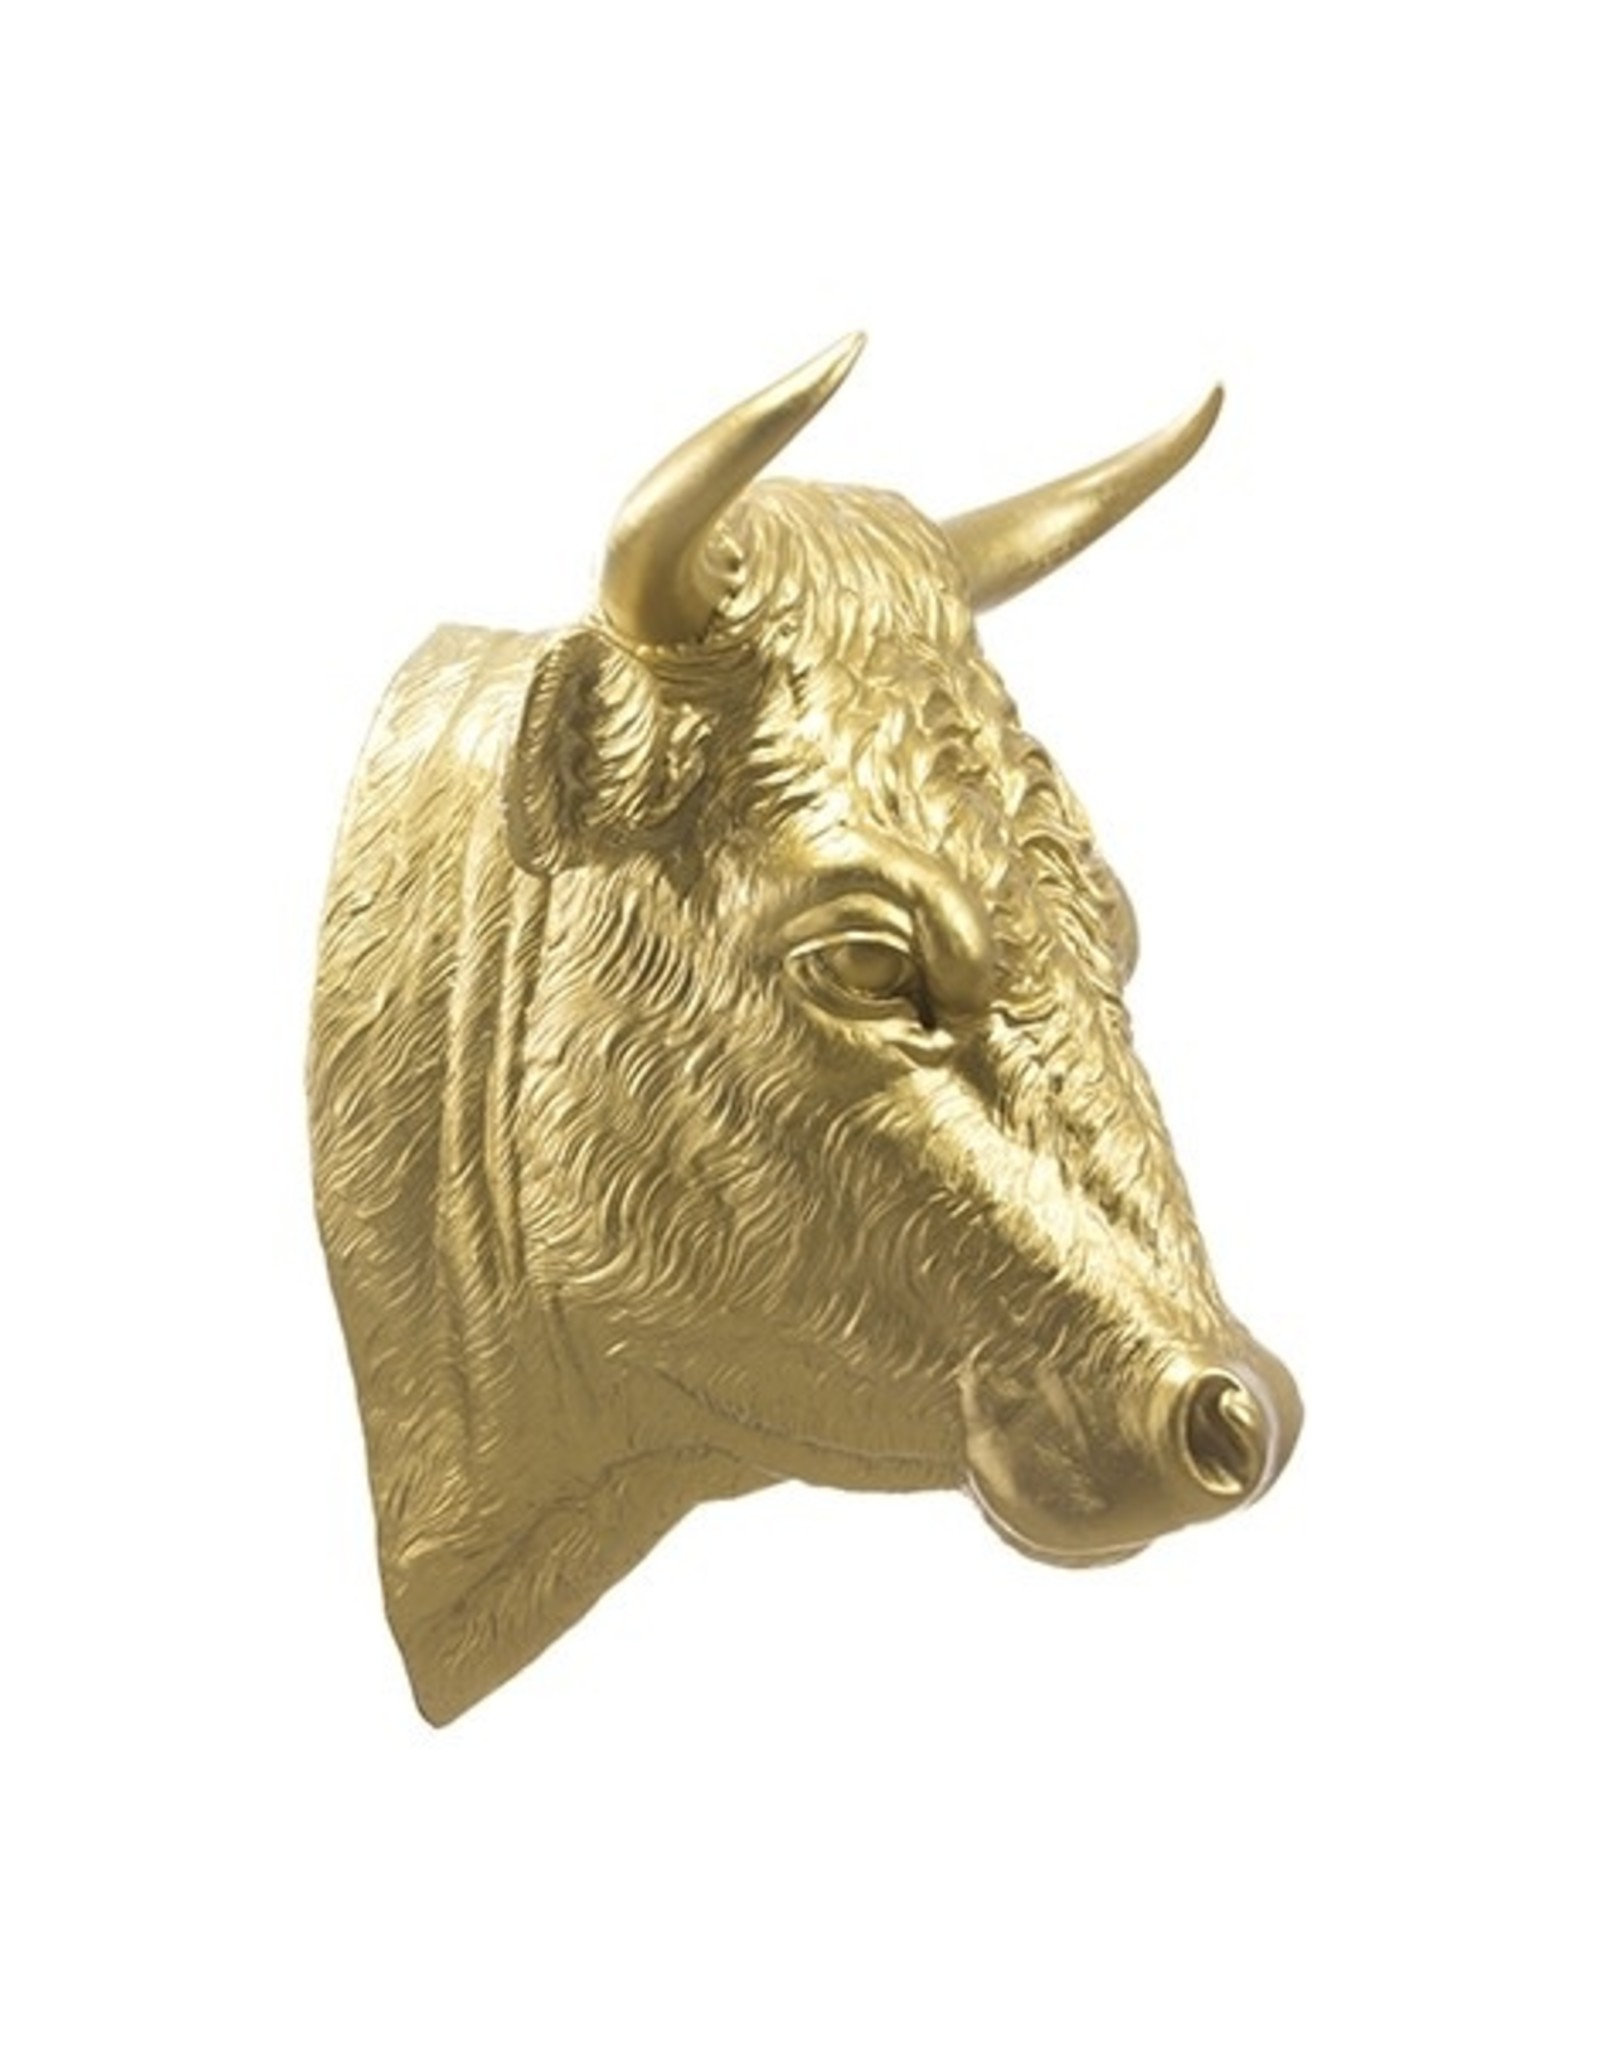 Ottmar Hörl Ottmar Hörl, Bullock